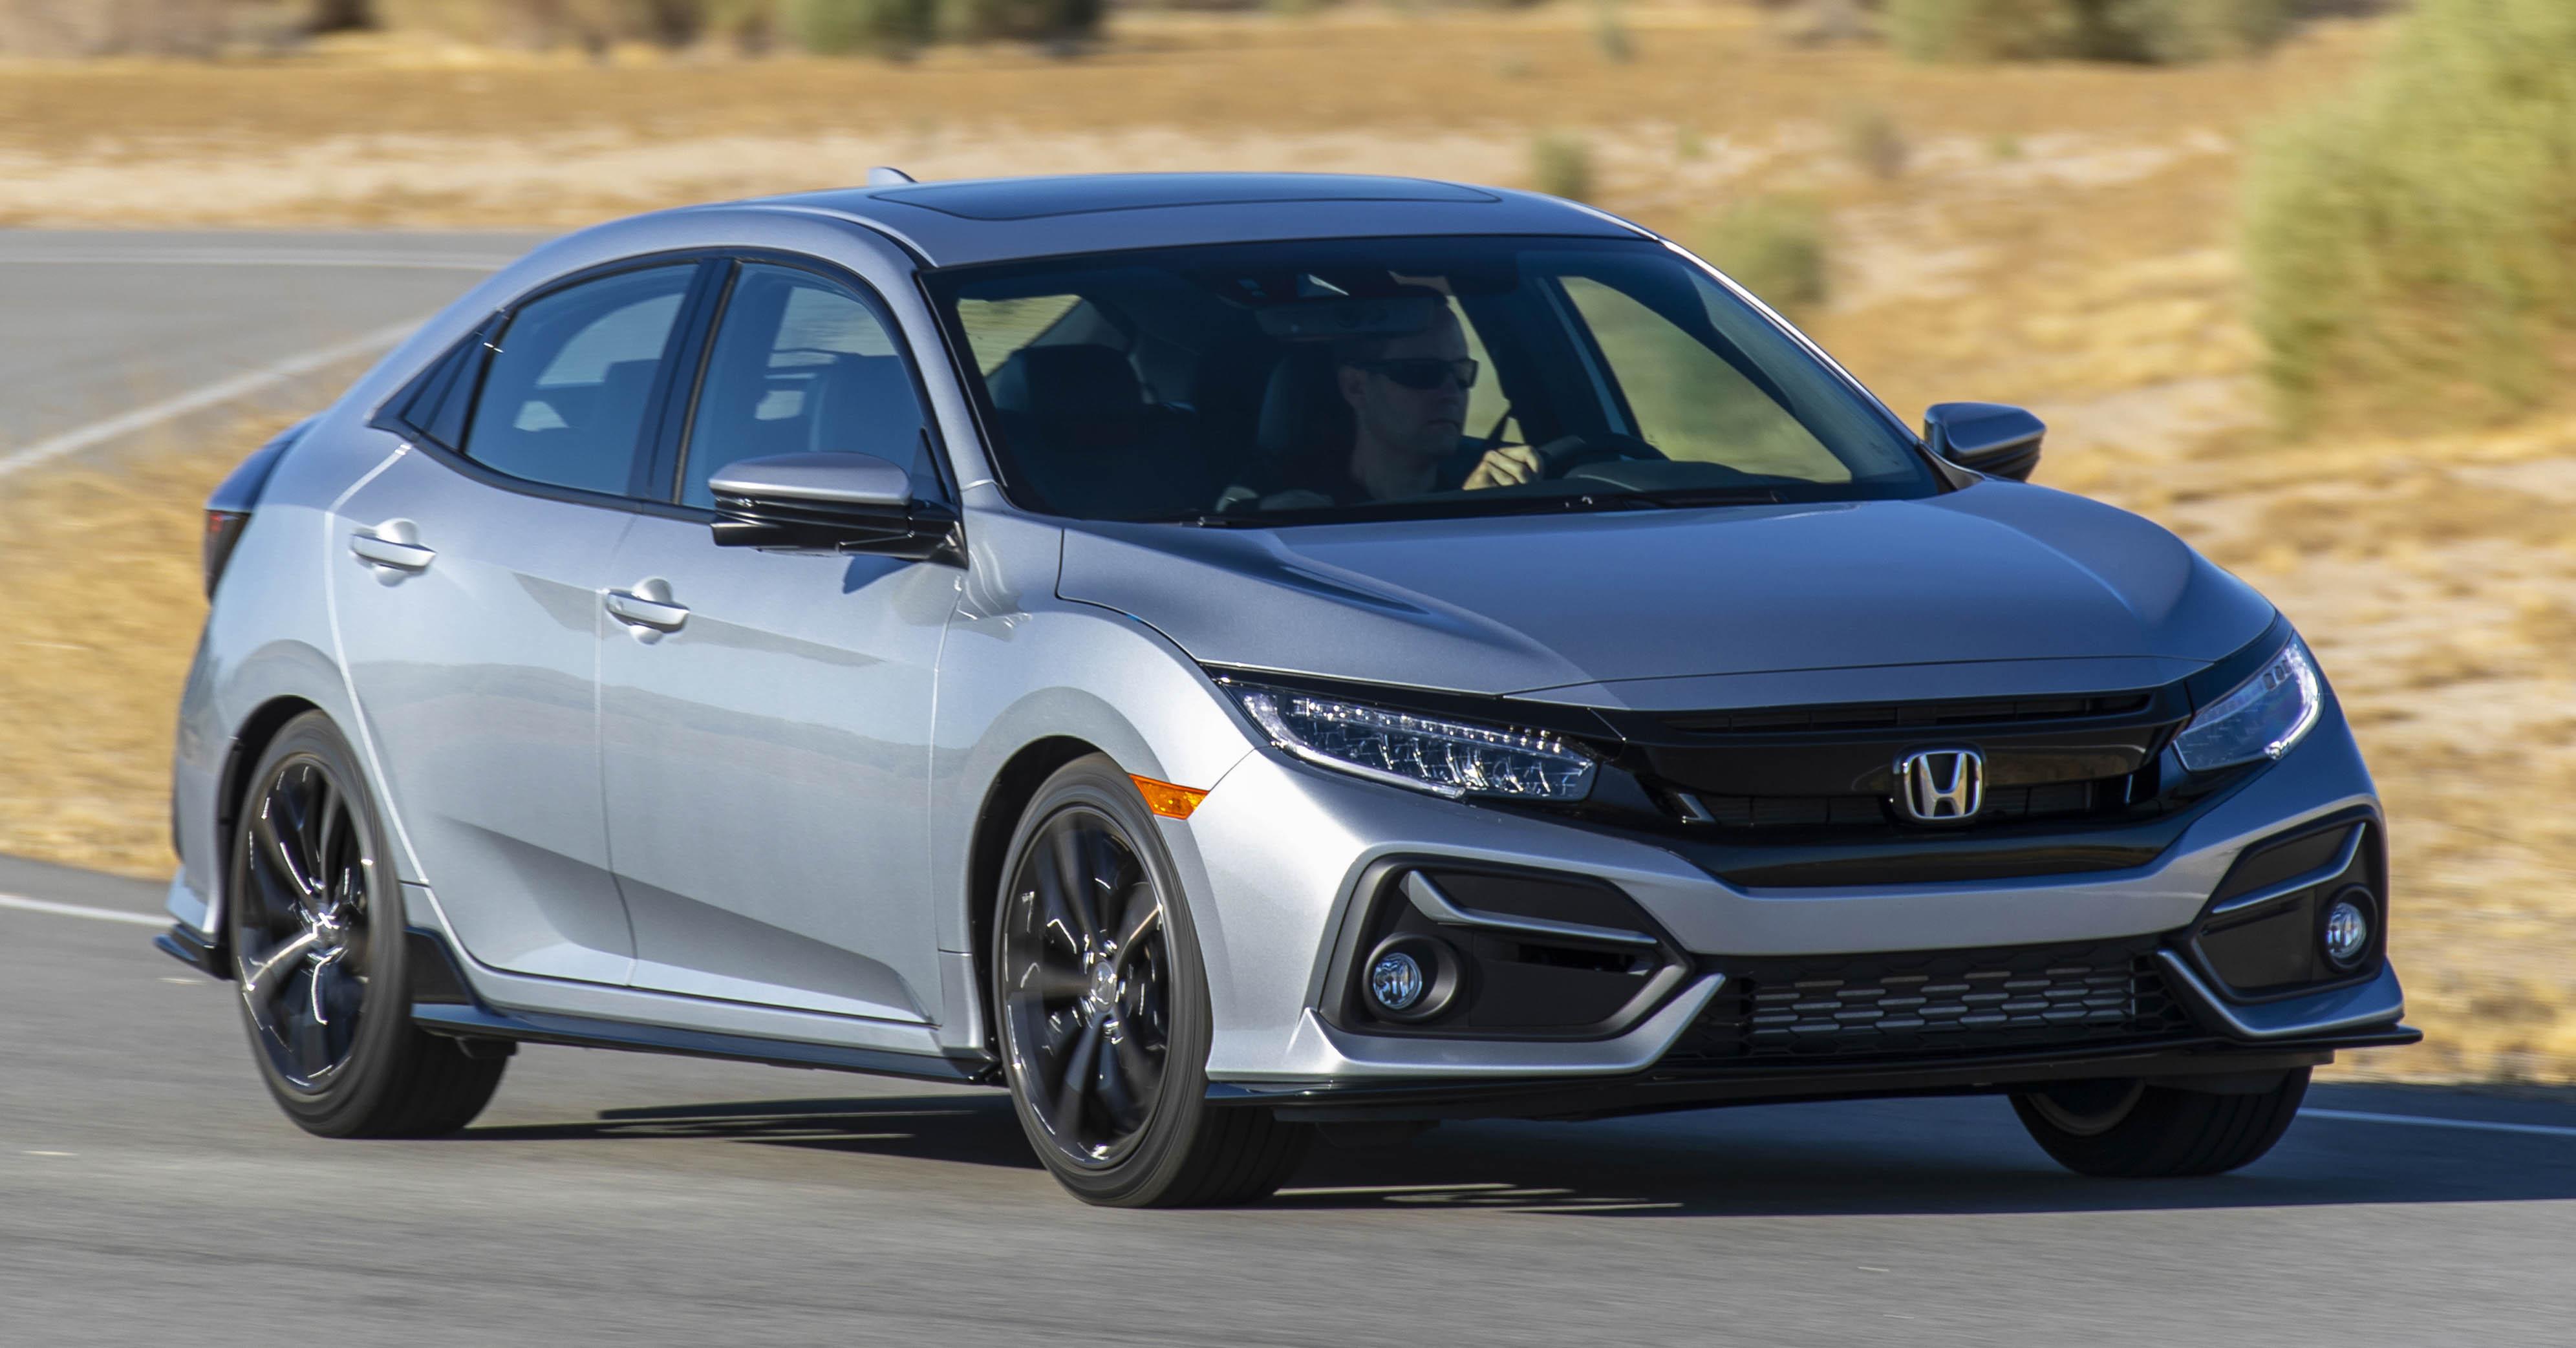 Kelebihan Honda Civic 2019 Harga Tangguh